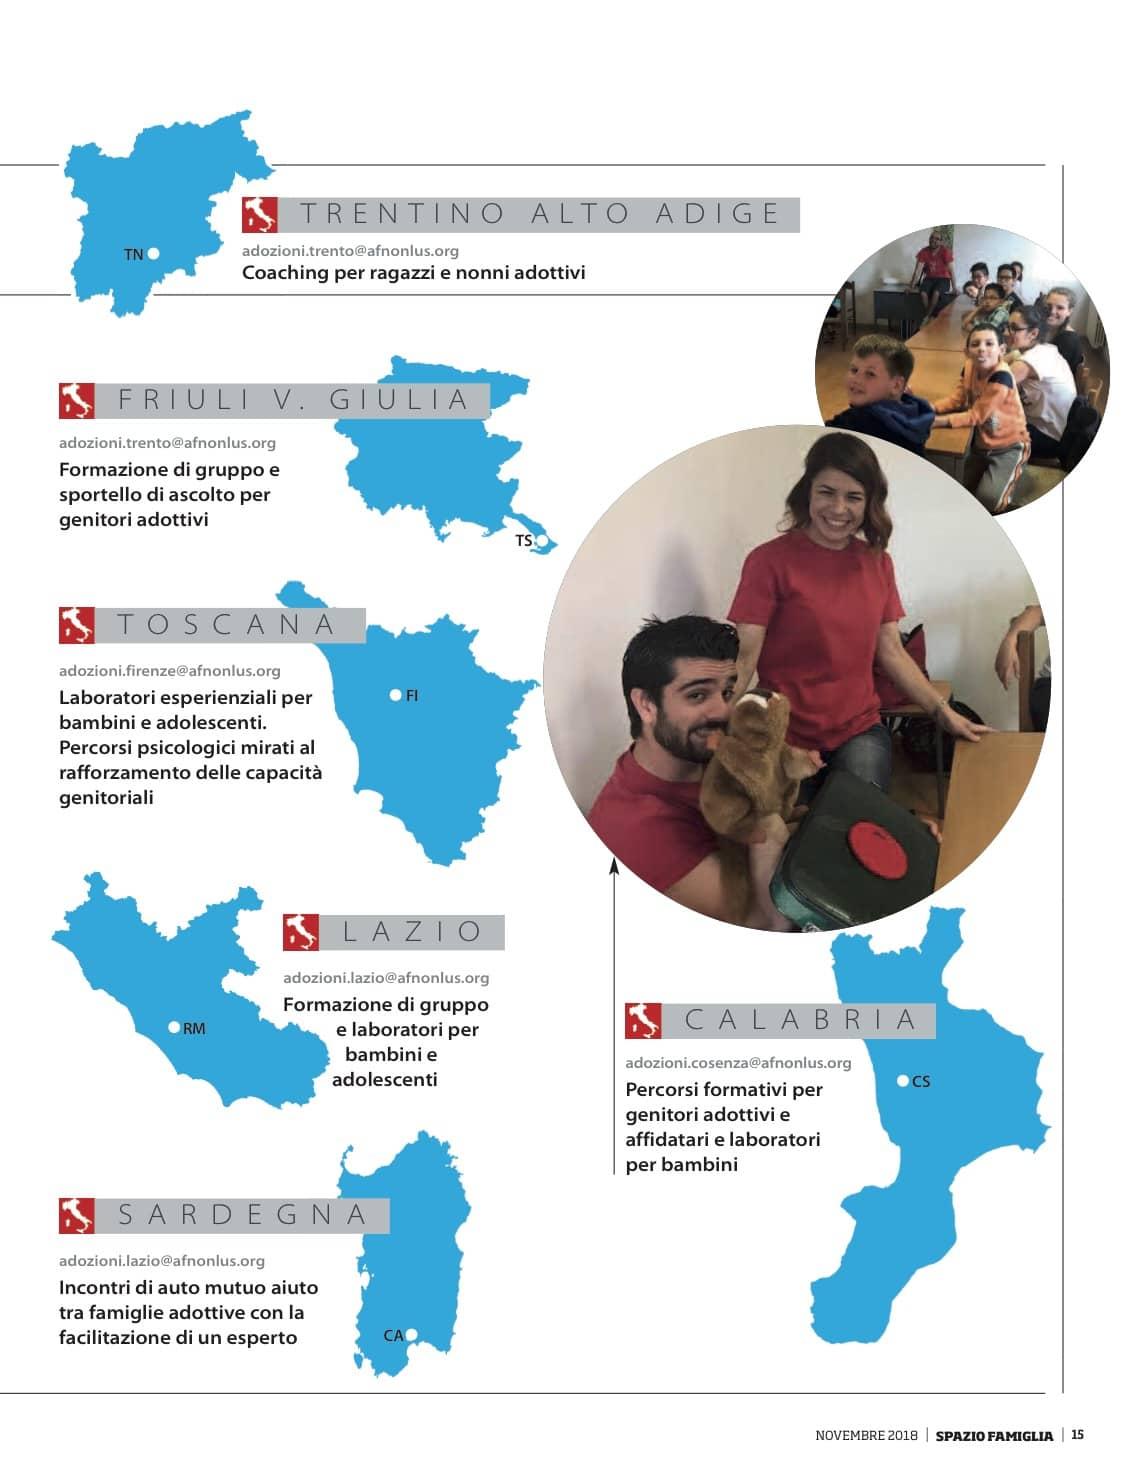 a41ddde1c7 Per fare cultura, sostegno, rete e' prevista l'apertura dello sportello  famigliedicuore, ormai diffuso in diverse regioni dell'Italia.